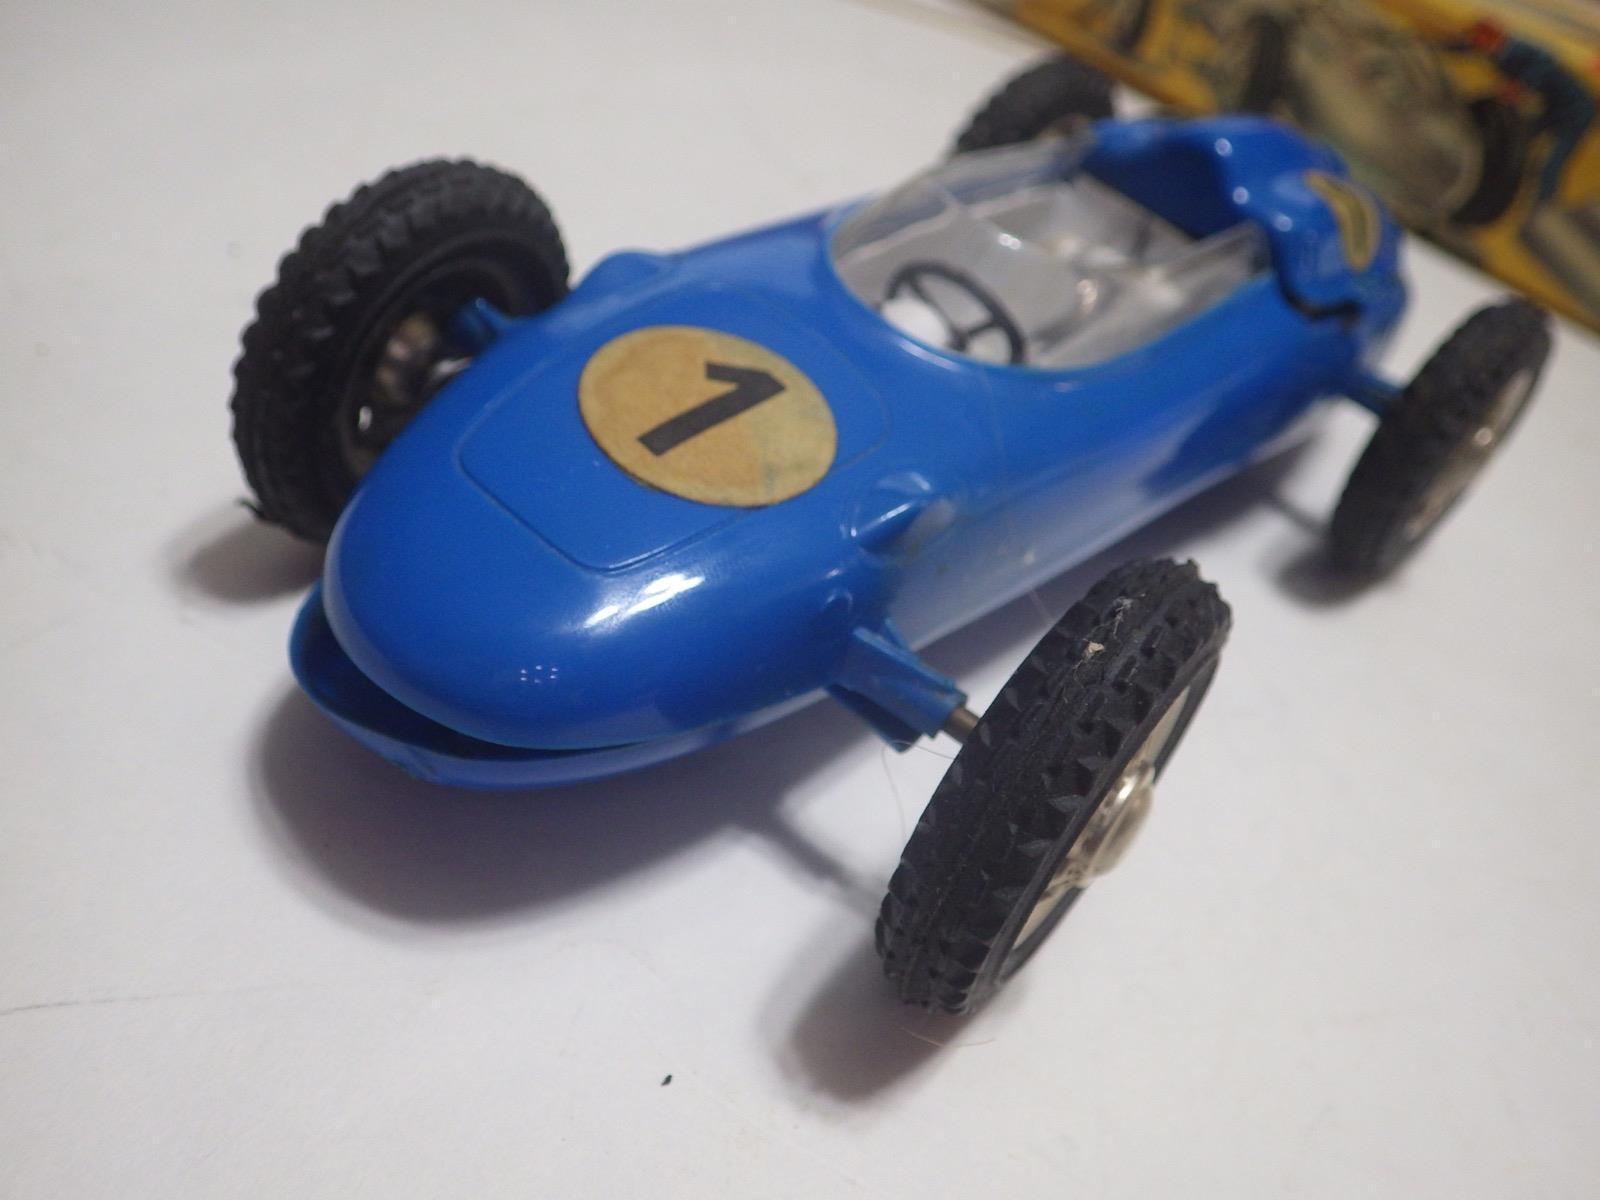 JNF struxi (Allemagne) bleu PORSCHE FORMULE 2 Plastique friction 1 17